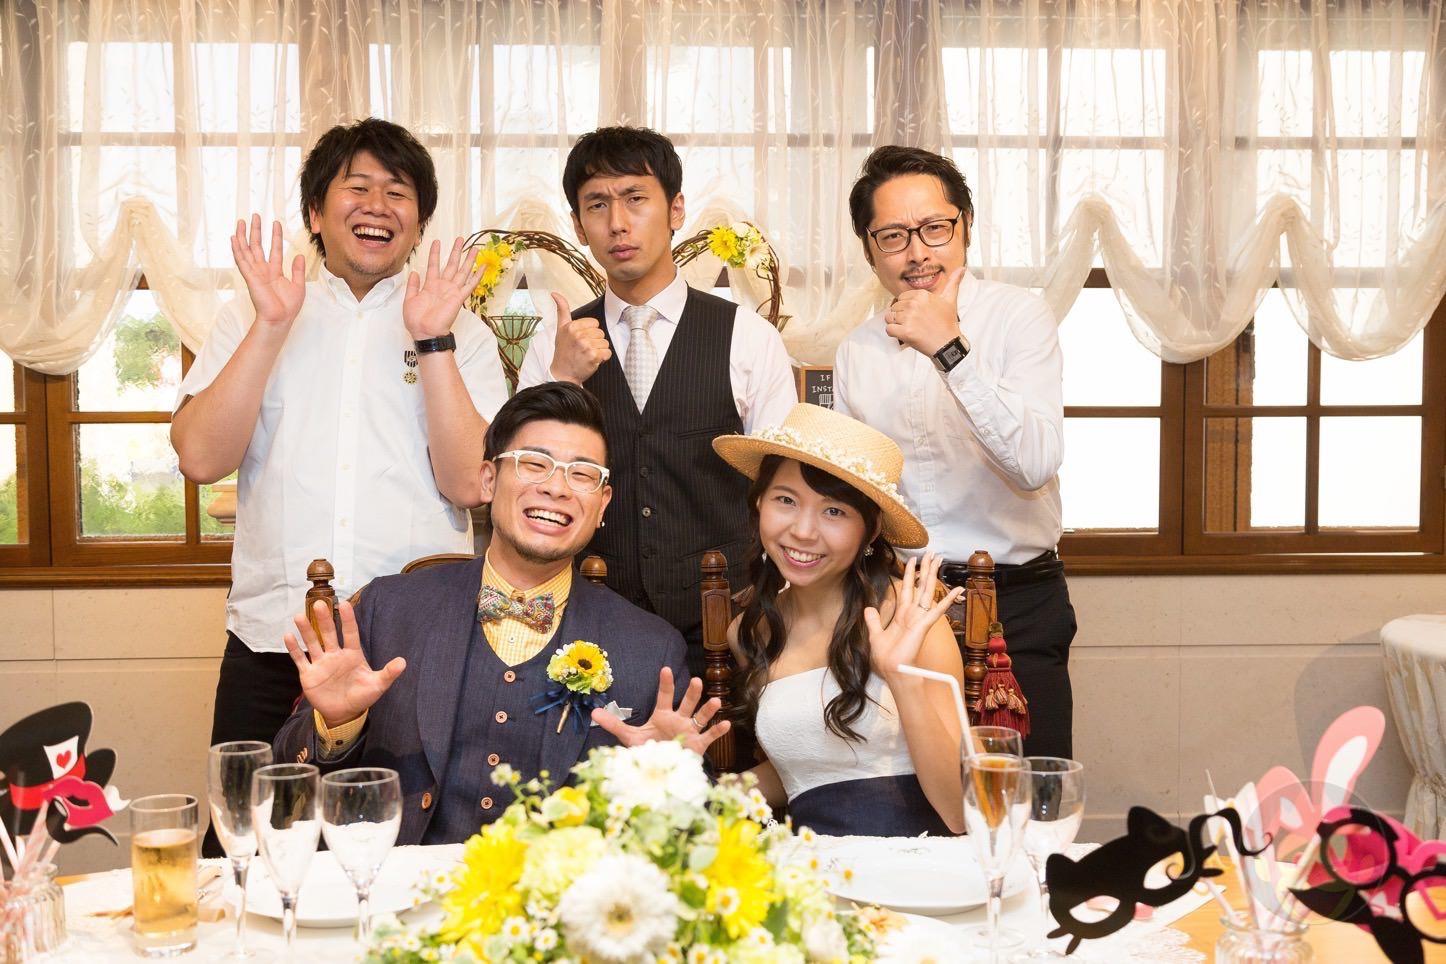 Hanzoya-Wedding-GoriMeYomeMe-129.jpg